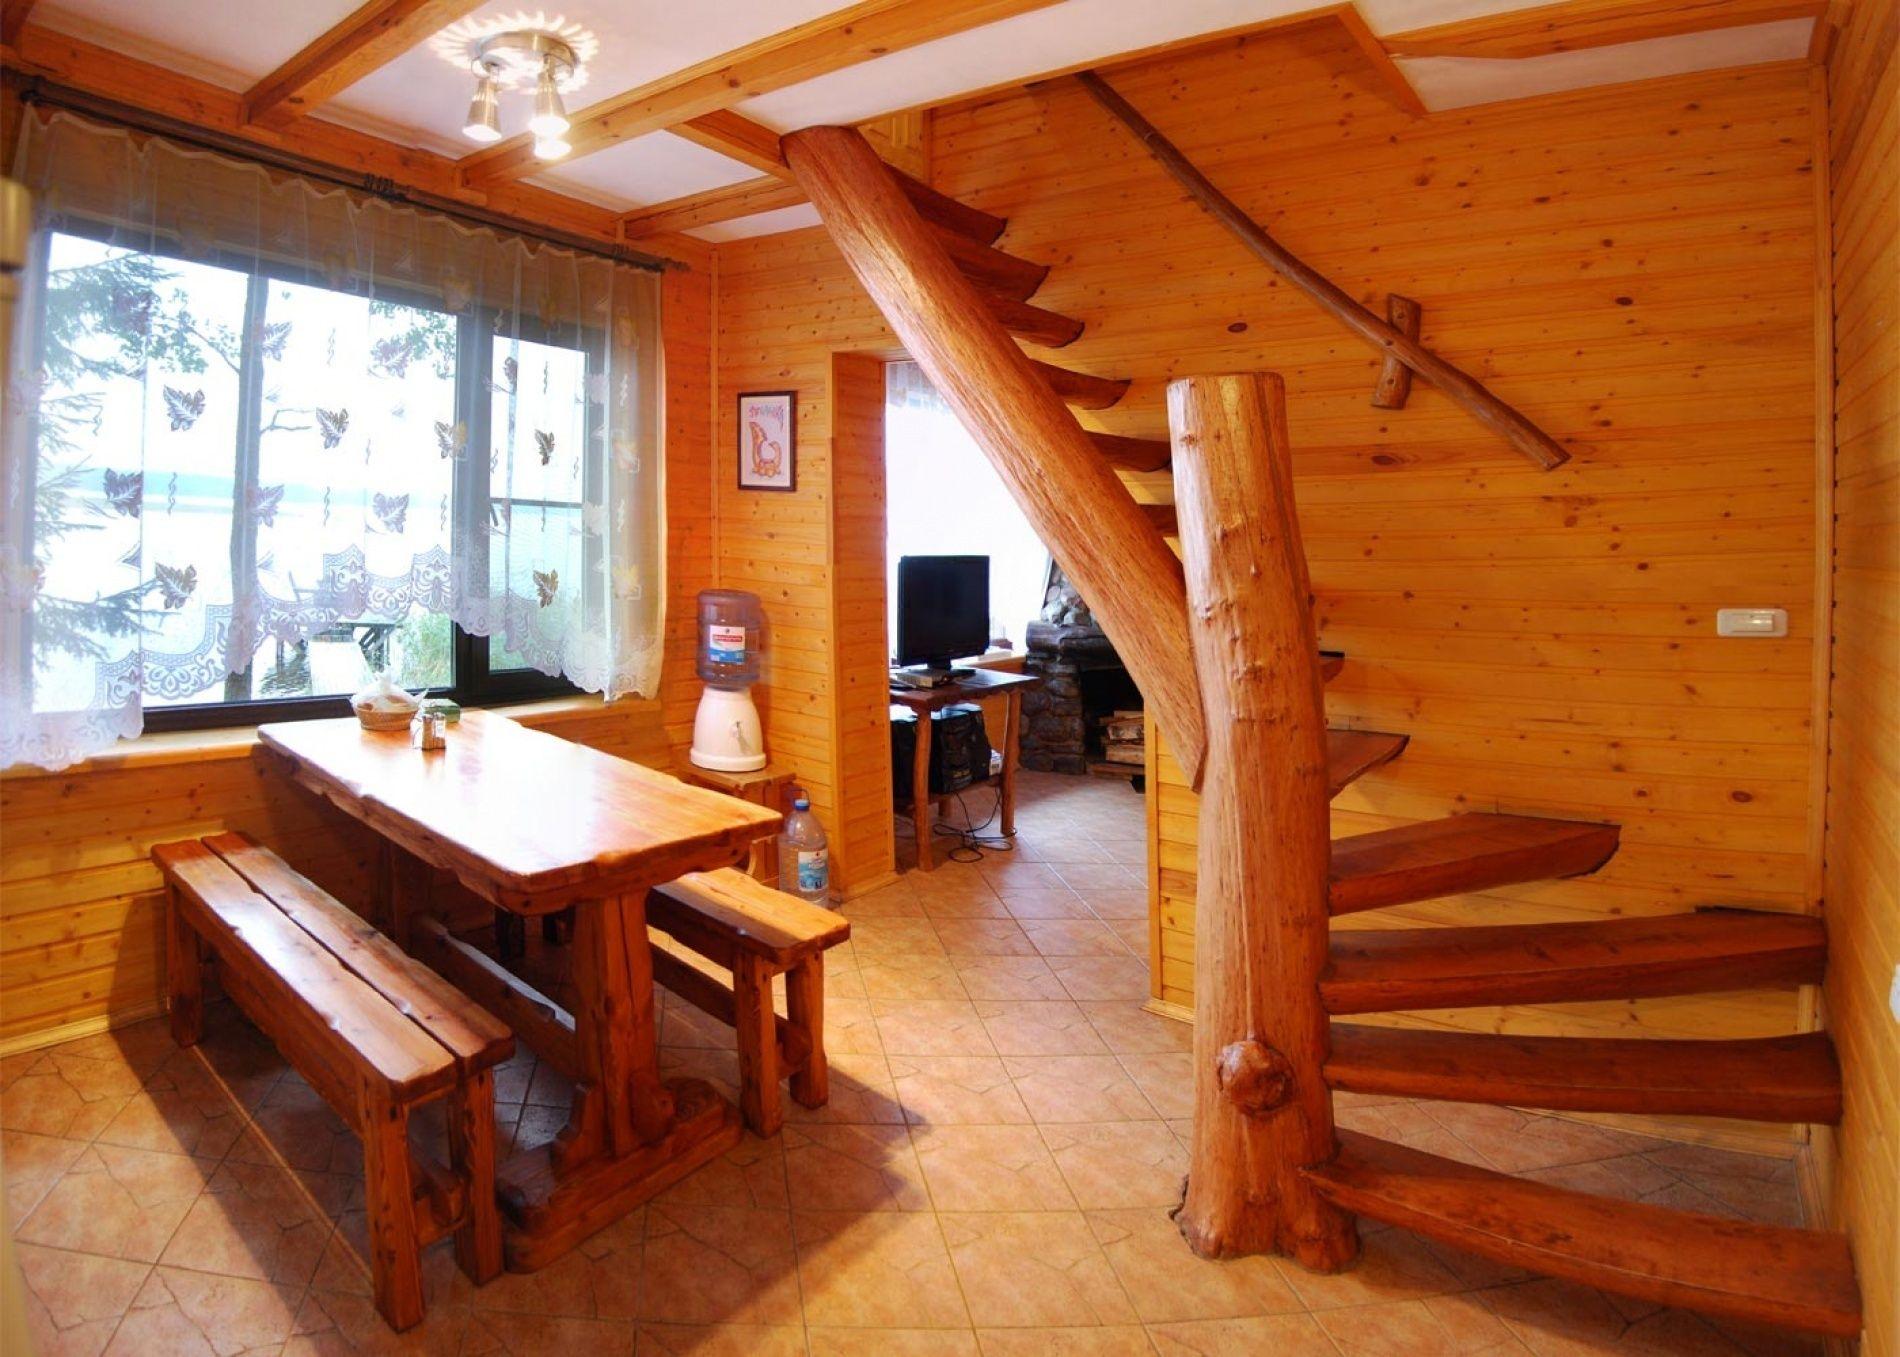 База отдыха «Яр-Селигер» Тверская область VIP-коттедж, фото 4